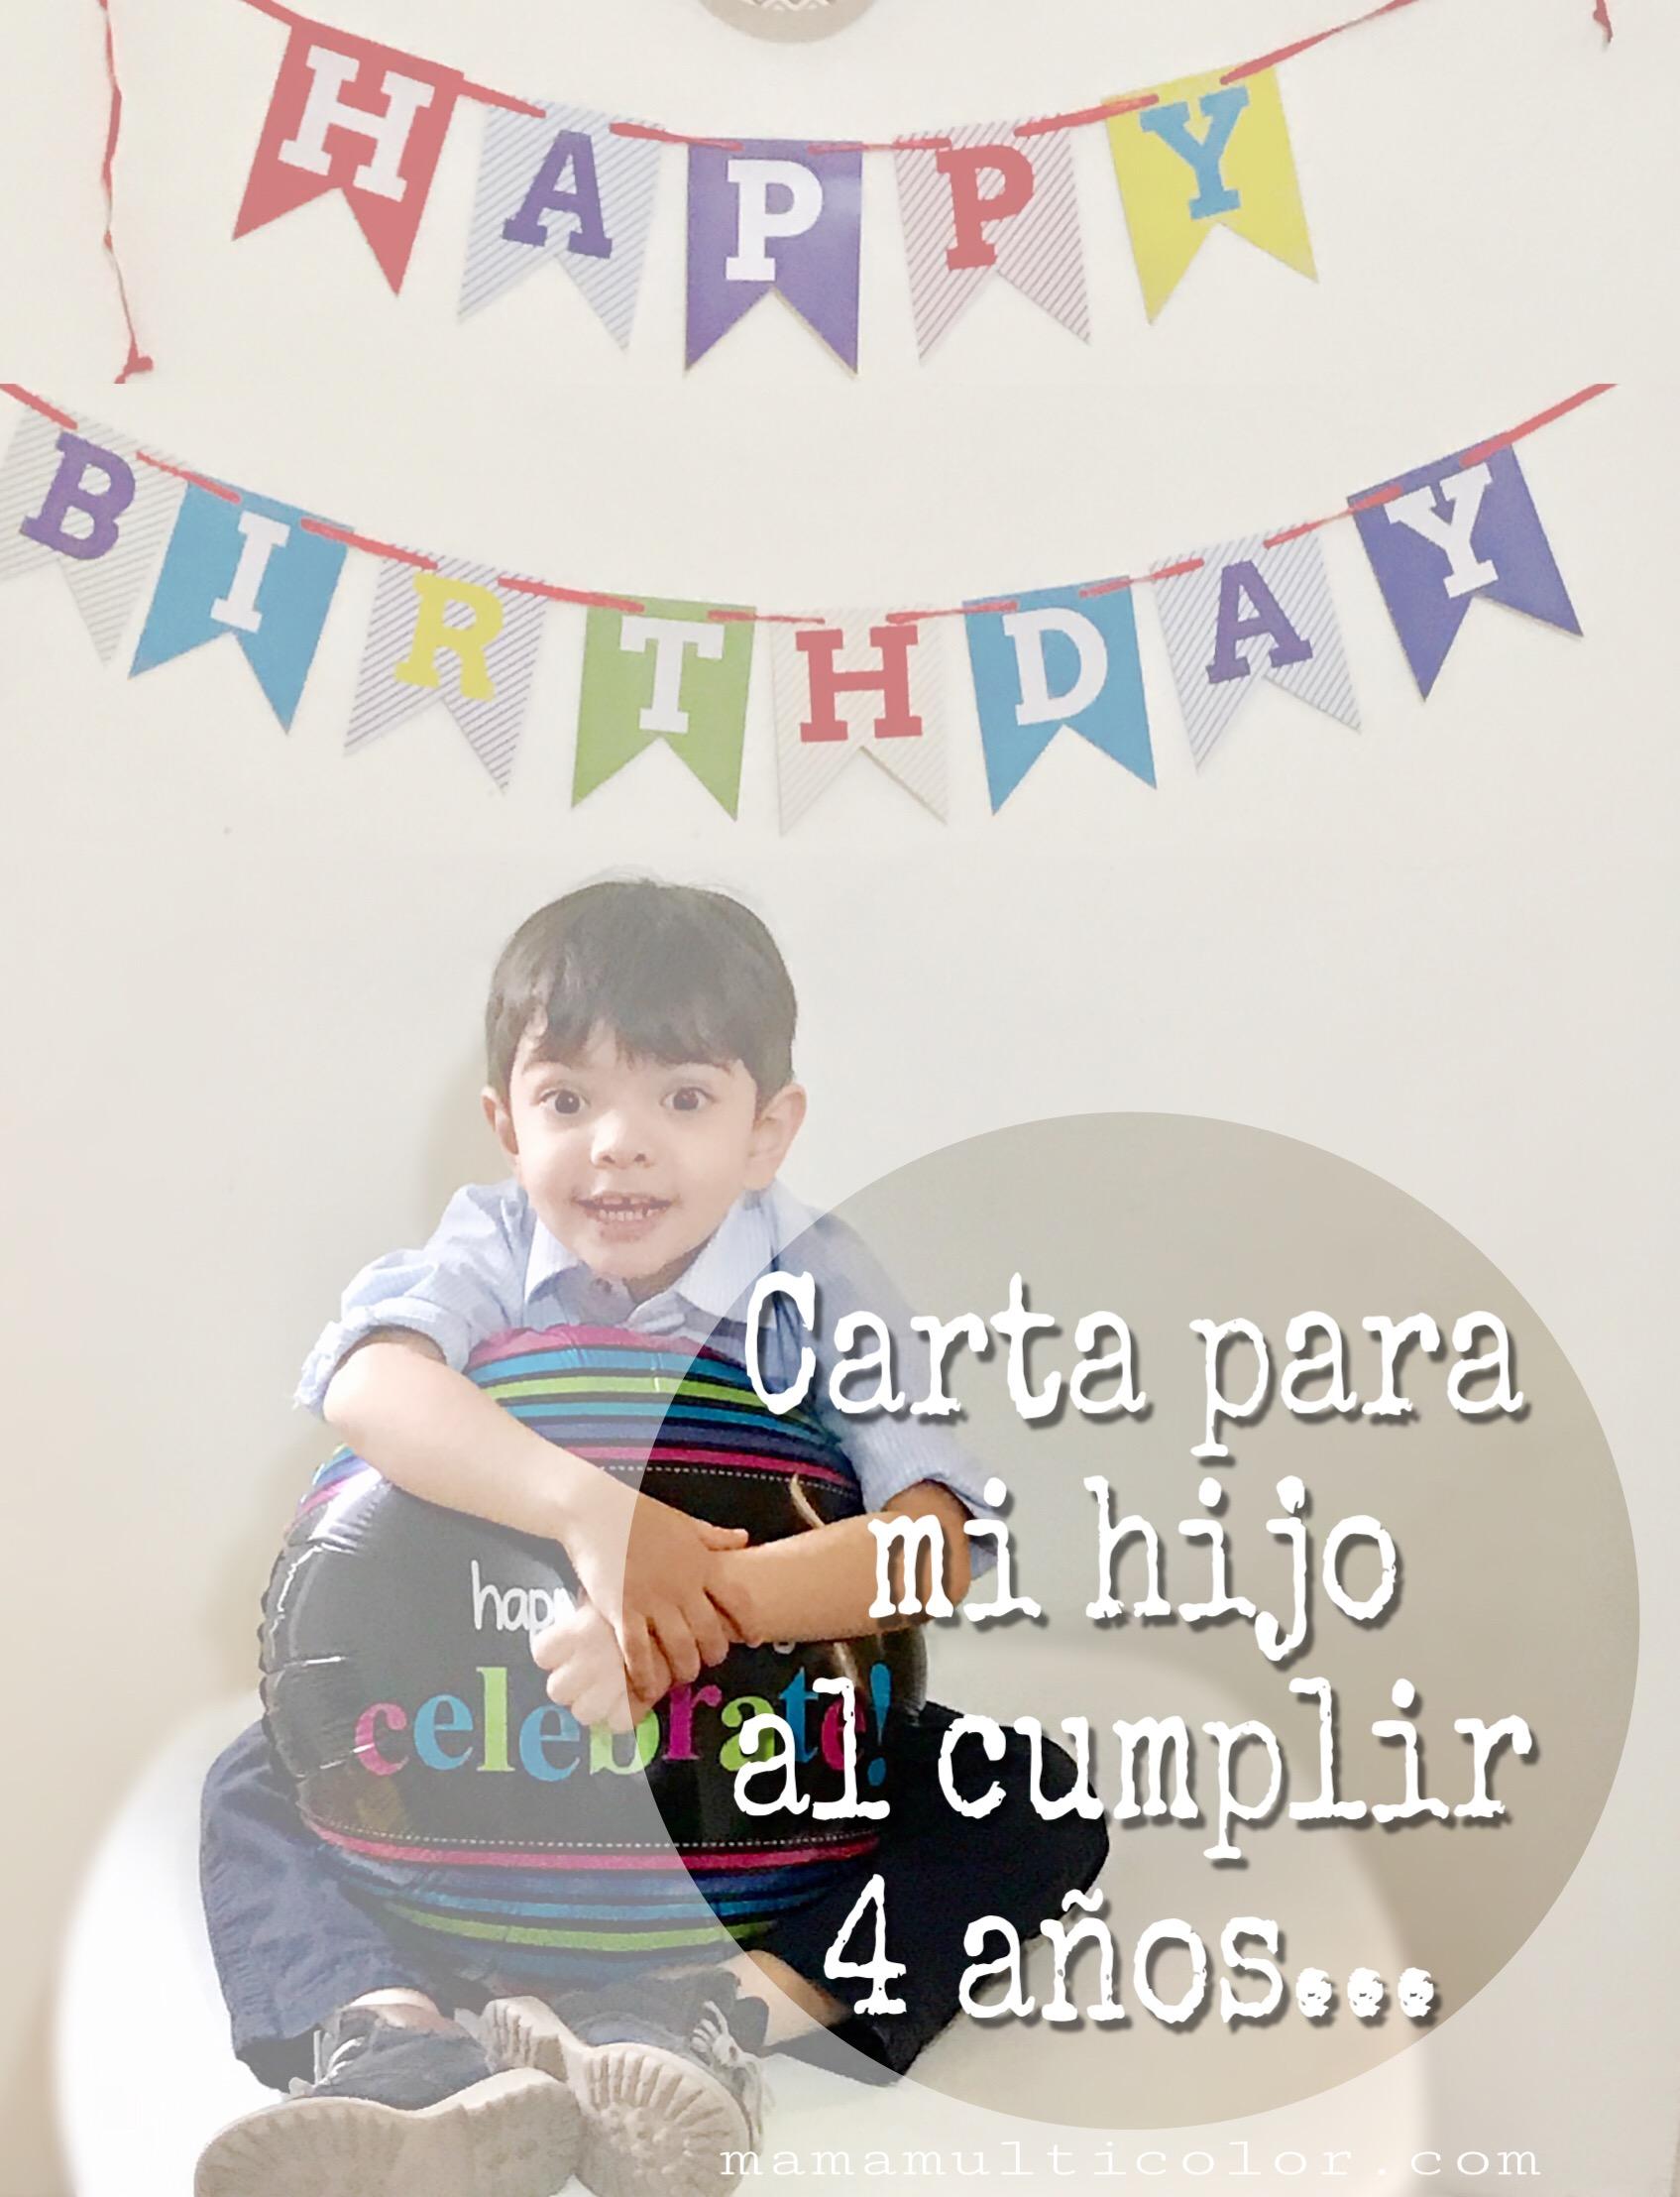 Carta de feliz cumpleanos para mi hija de 4 anos